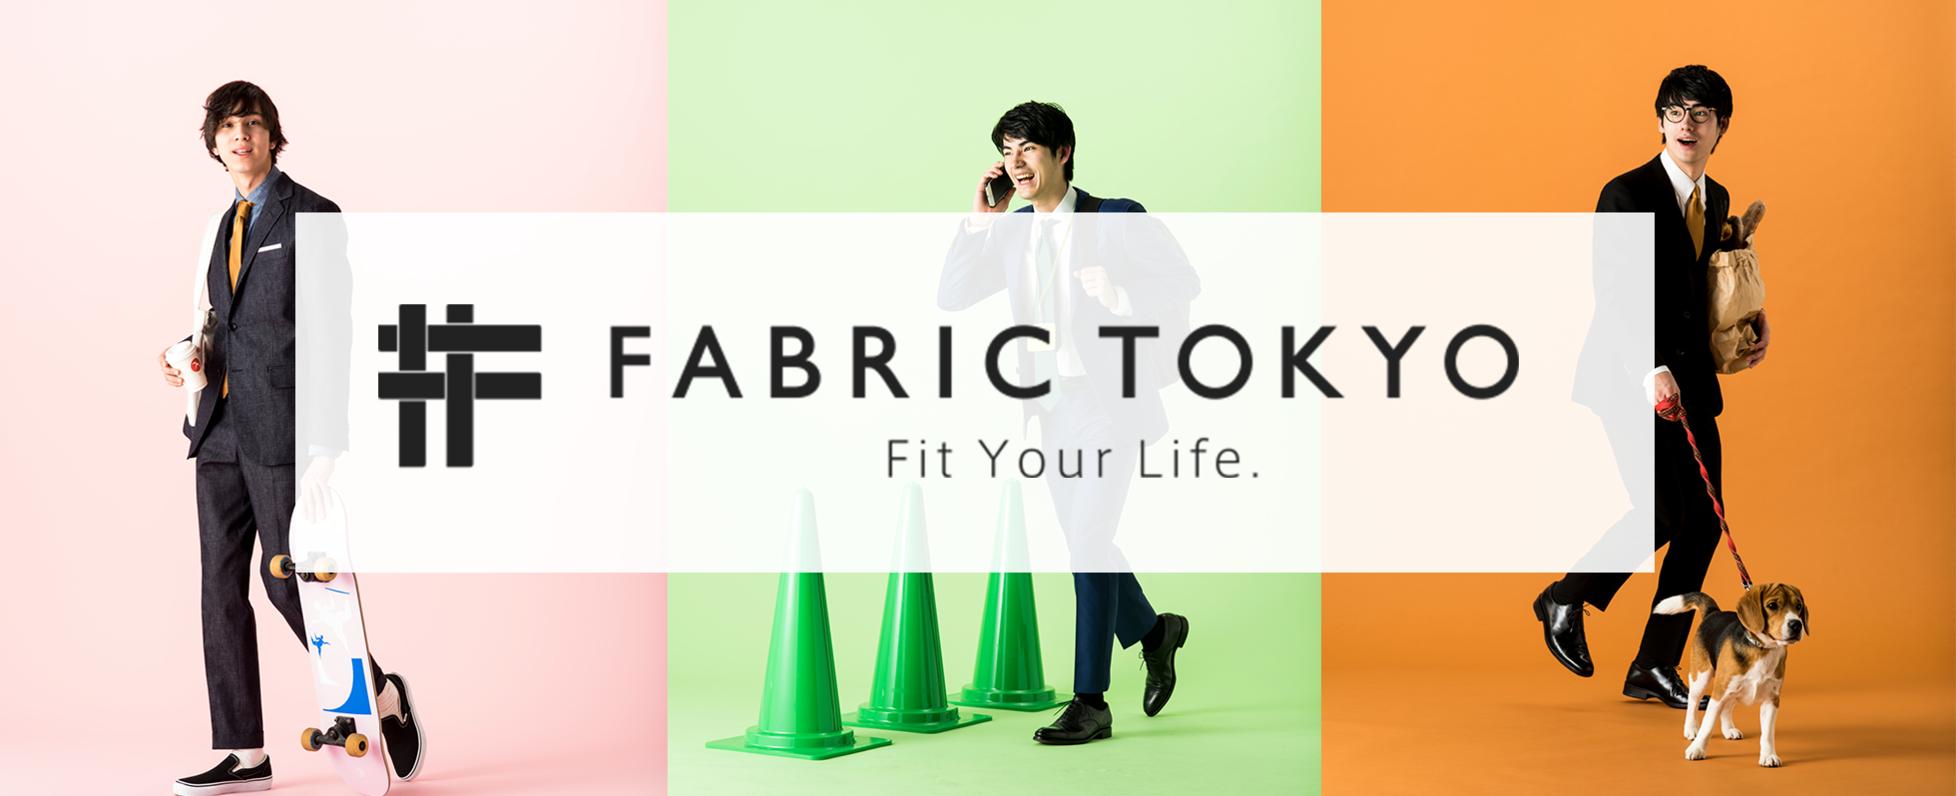 カスタムオーダーのメンズファッション通販サービス「LaFabric[ラファブリック]」のマーケティング部門立ち上げ